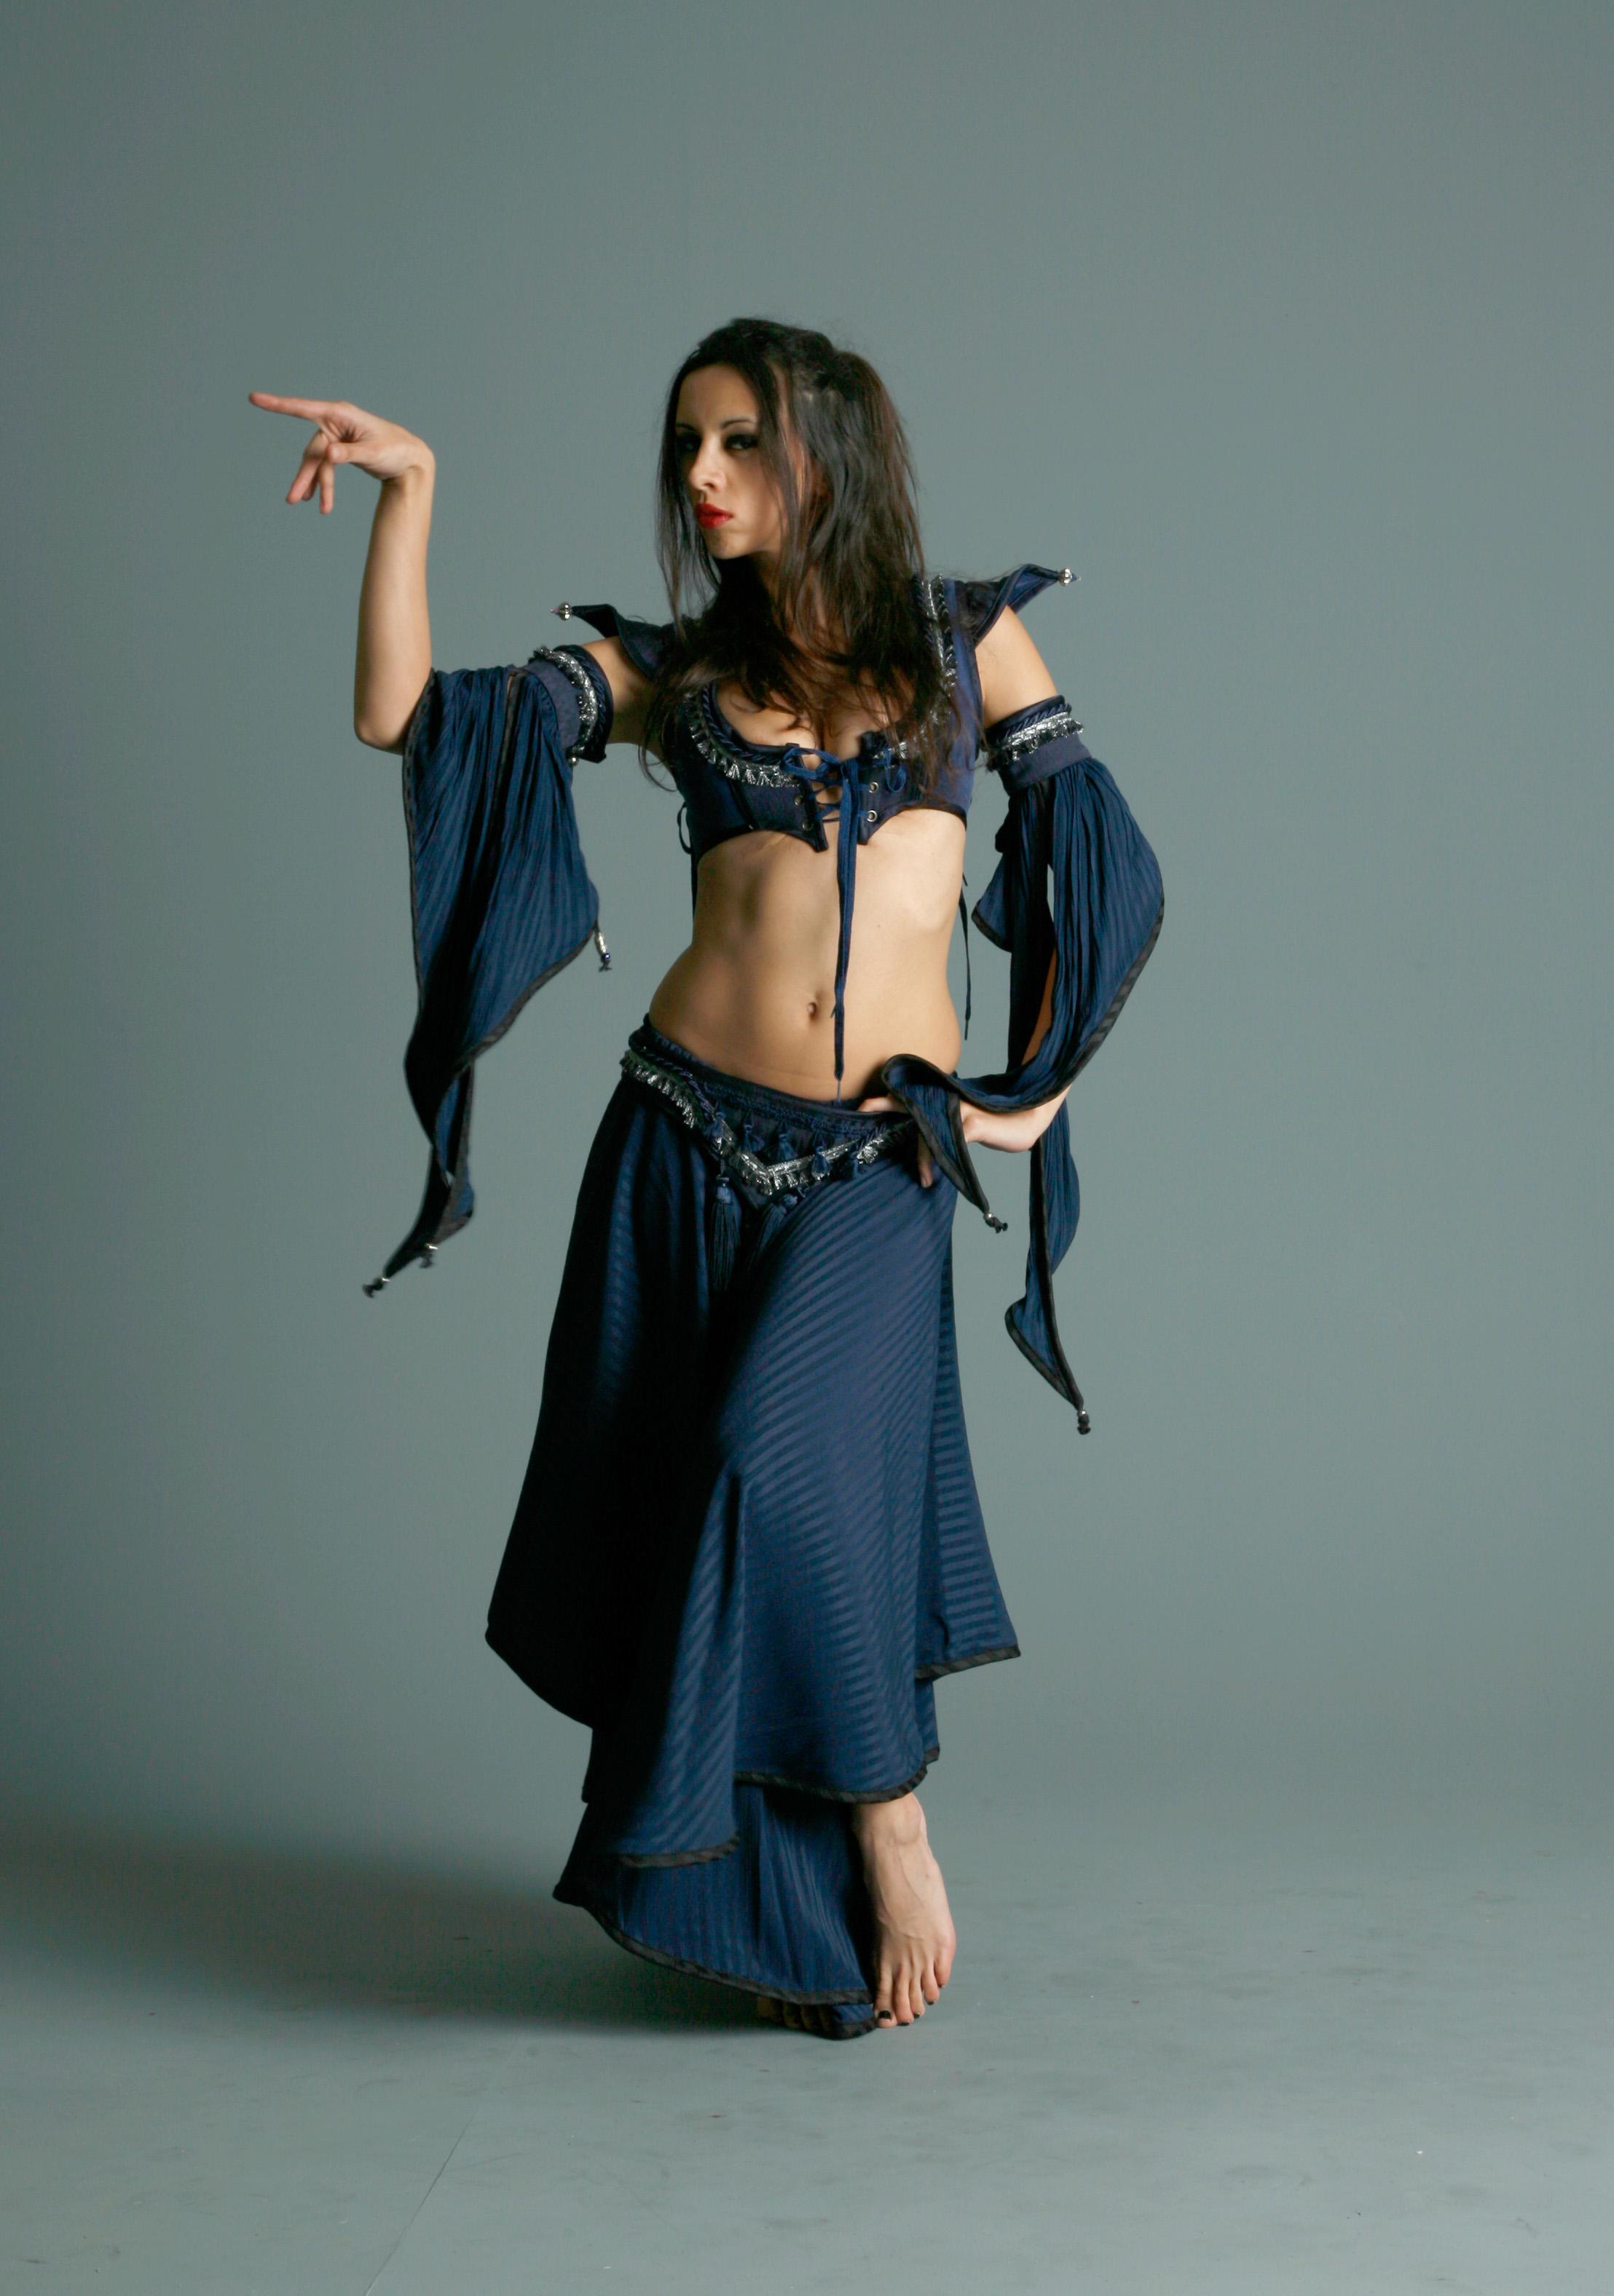 Desert Dancer - 17 by mjranum-stock